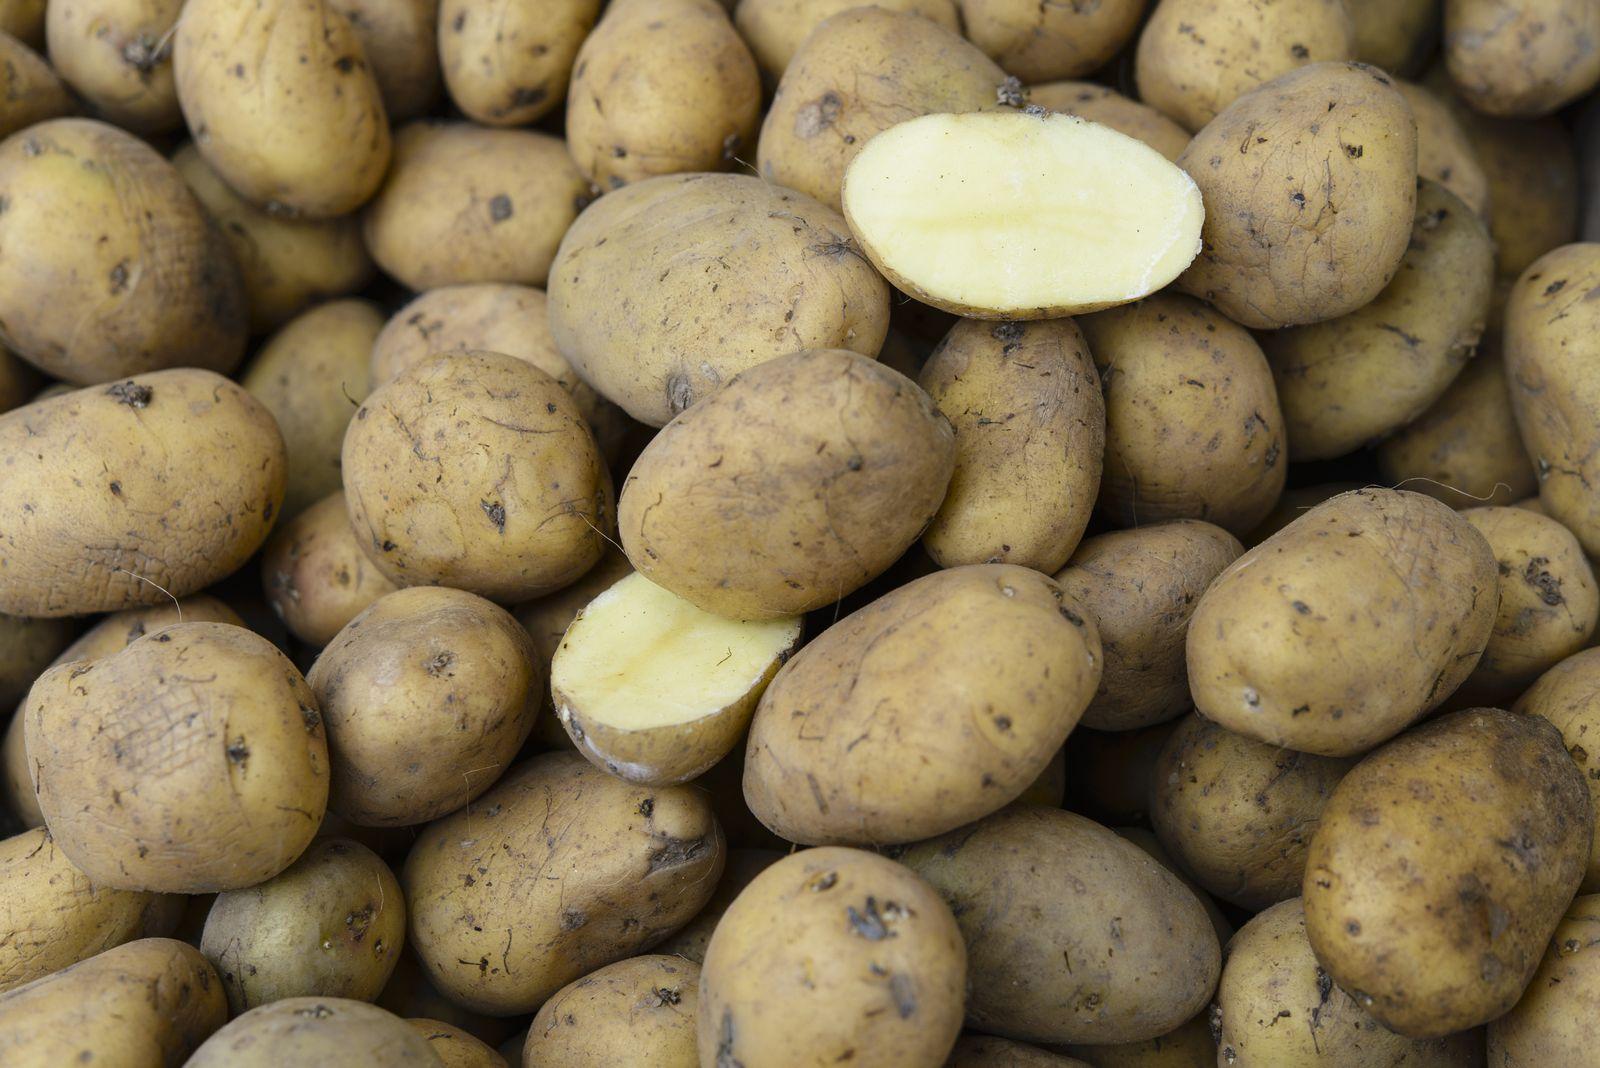 Natur/ Deutschland/ Umfrage/ Kartoffel